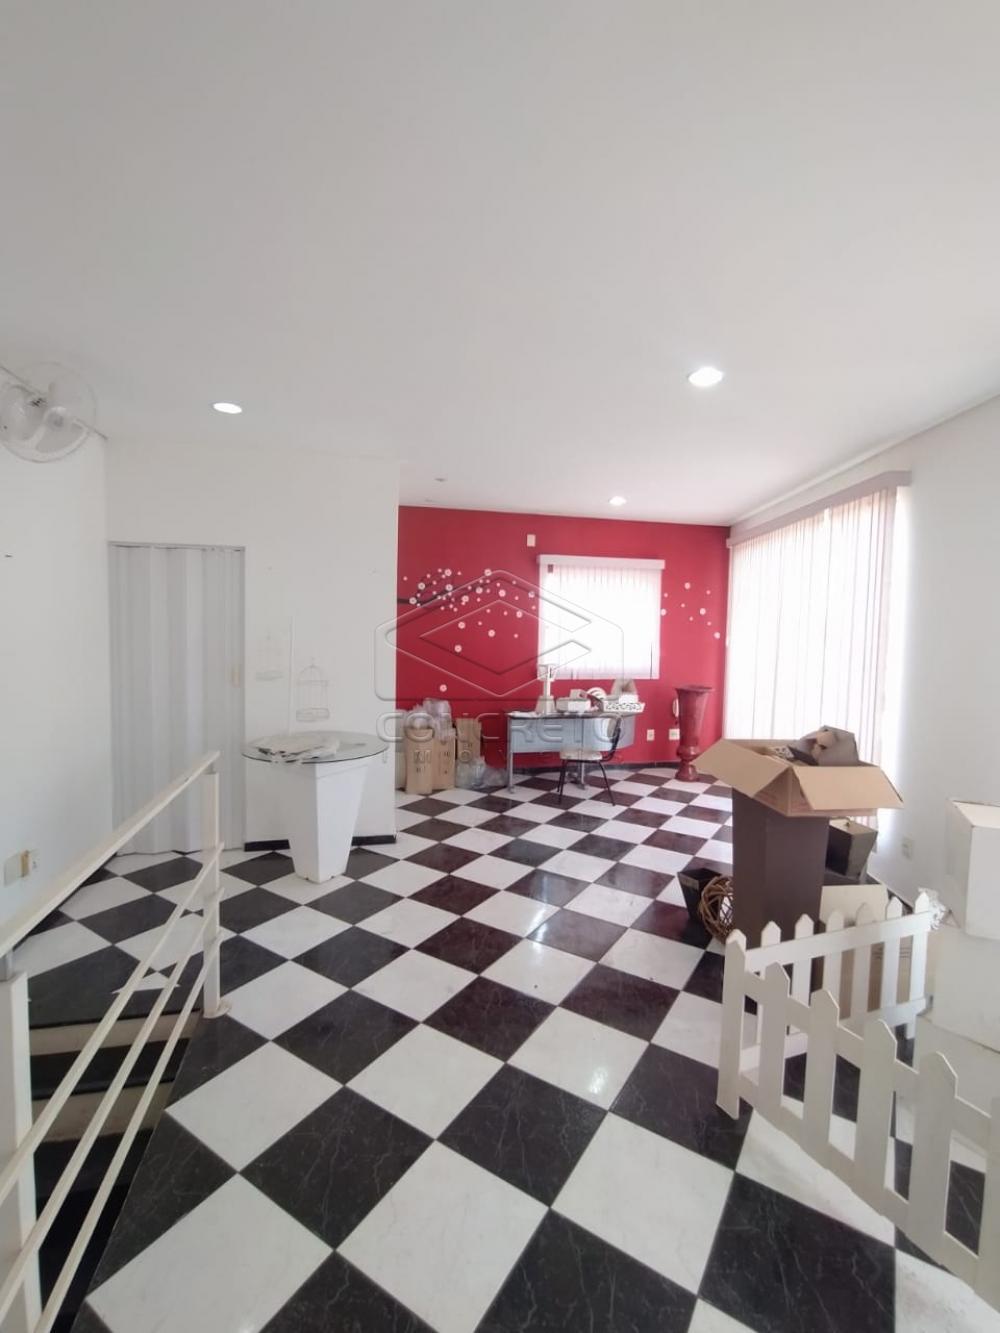 Alugar Comercial / Salão em Bauru R$ 650,00 - Foto 1